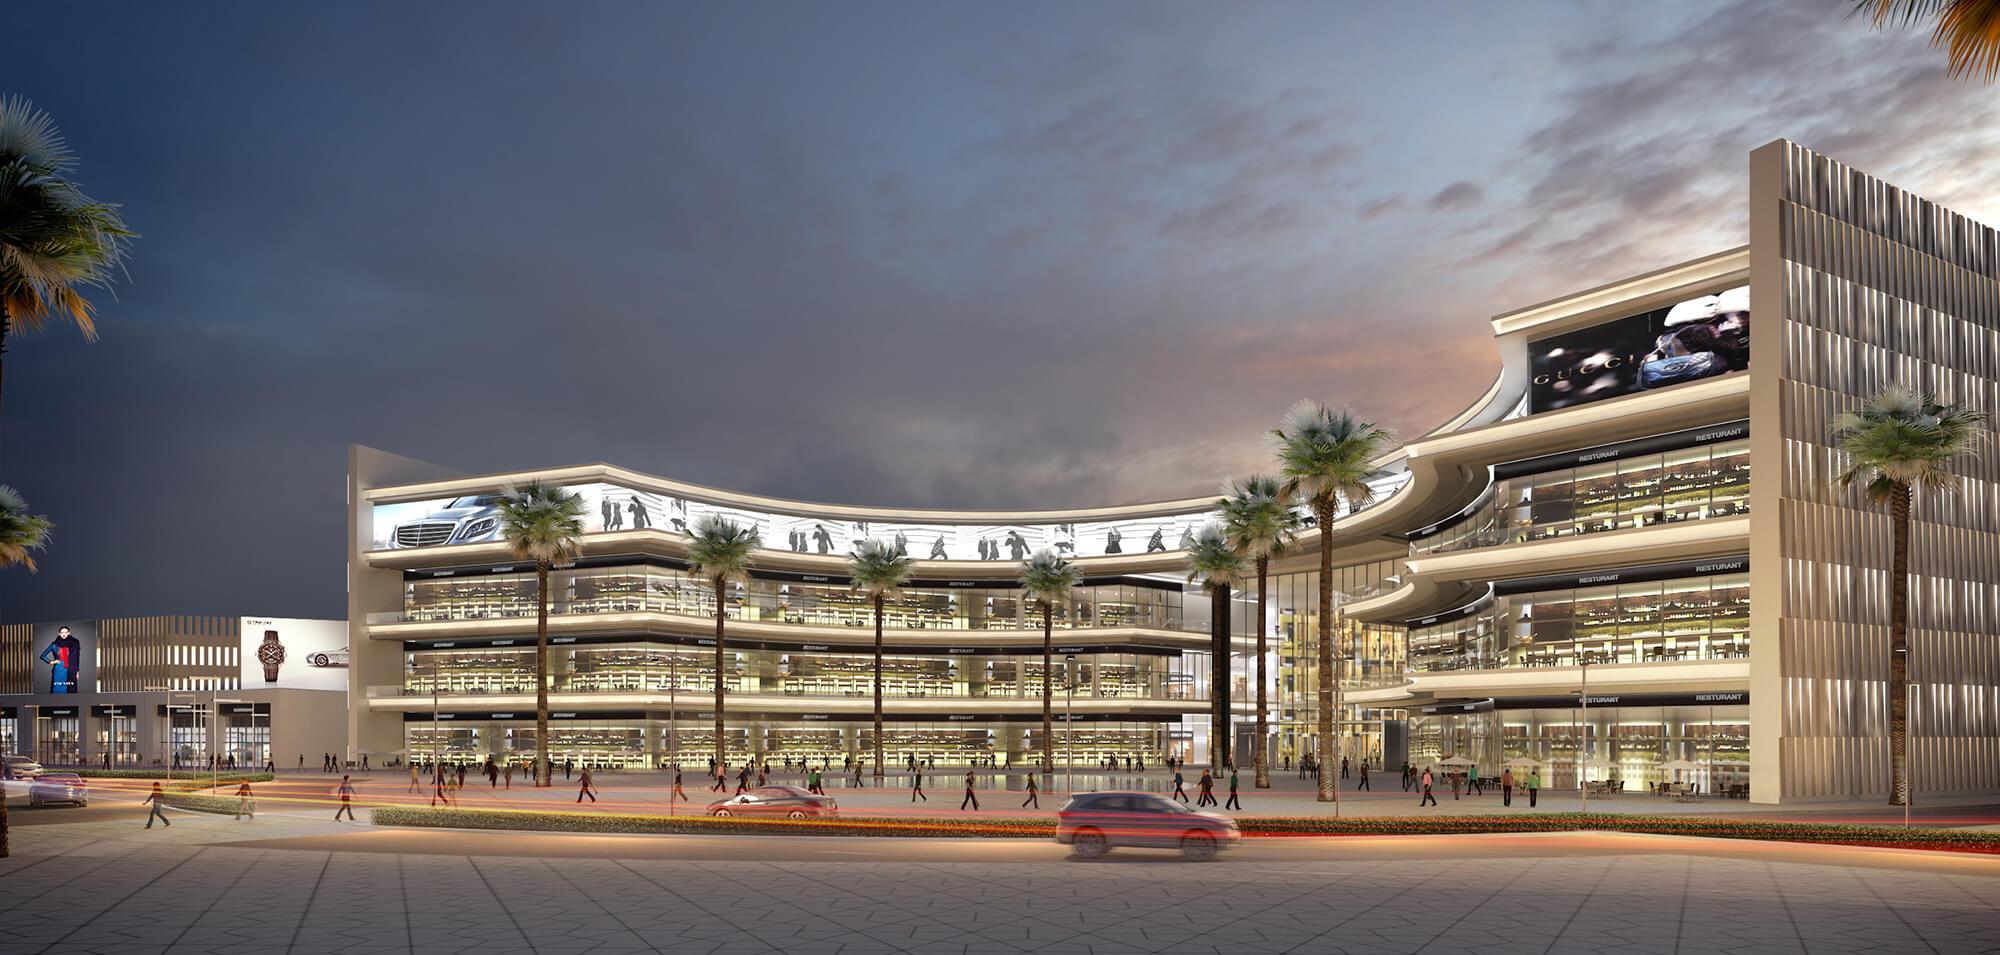 Deira Mall Project - Deira Islands1